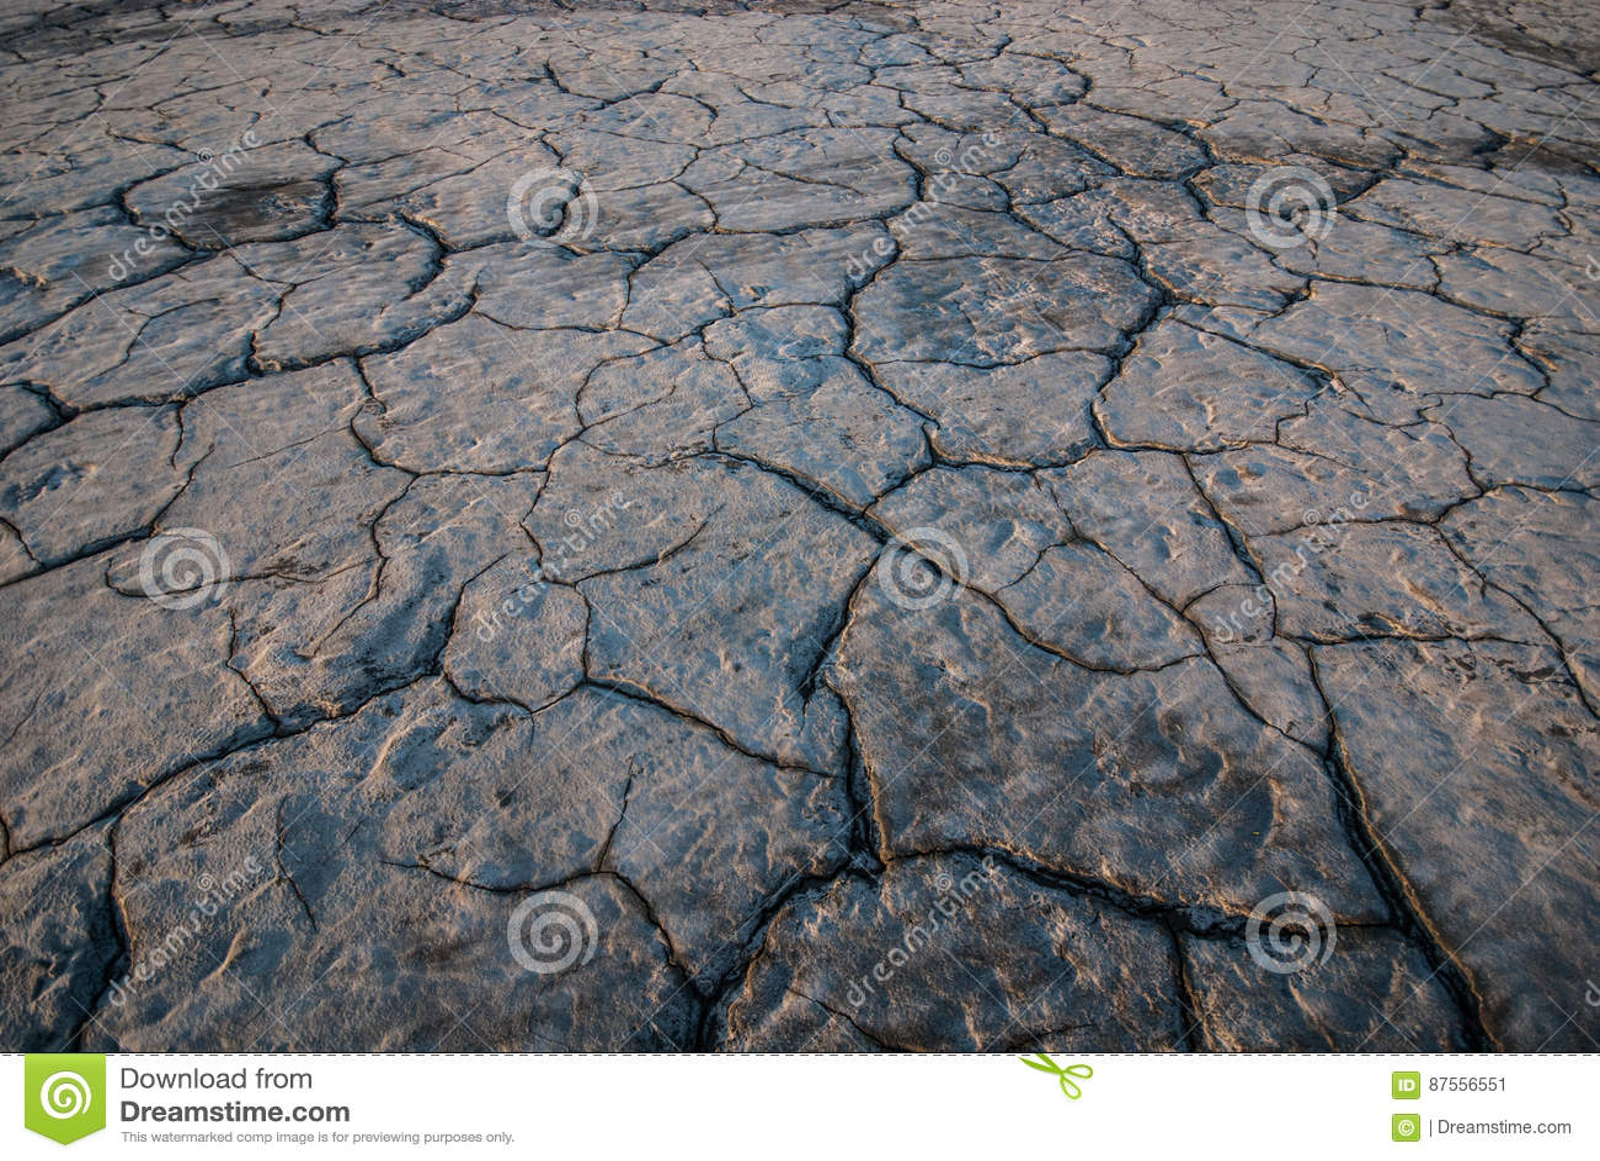 Krakingowa konsystencja ziemi